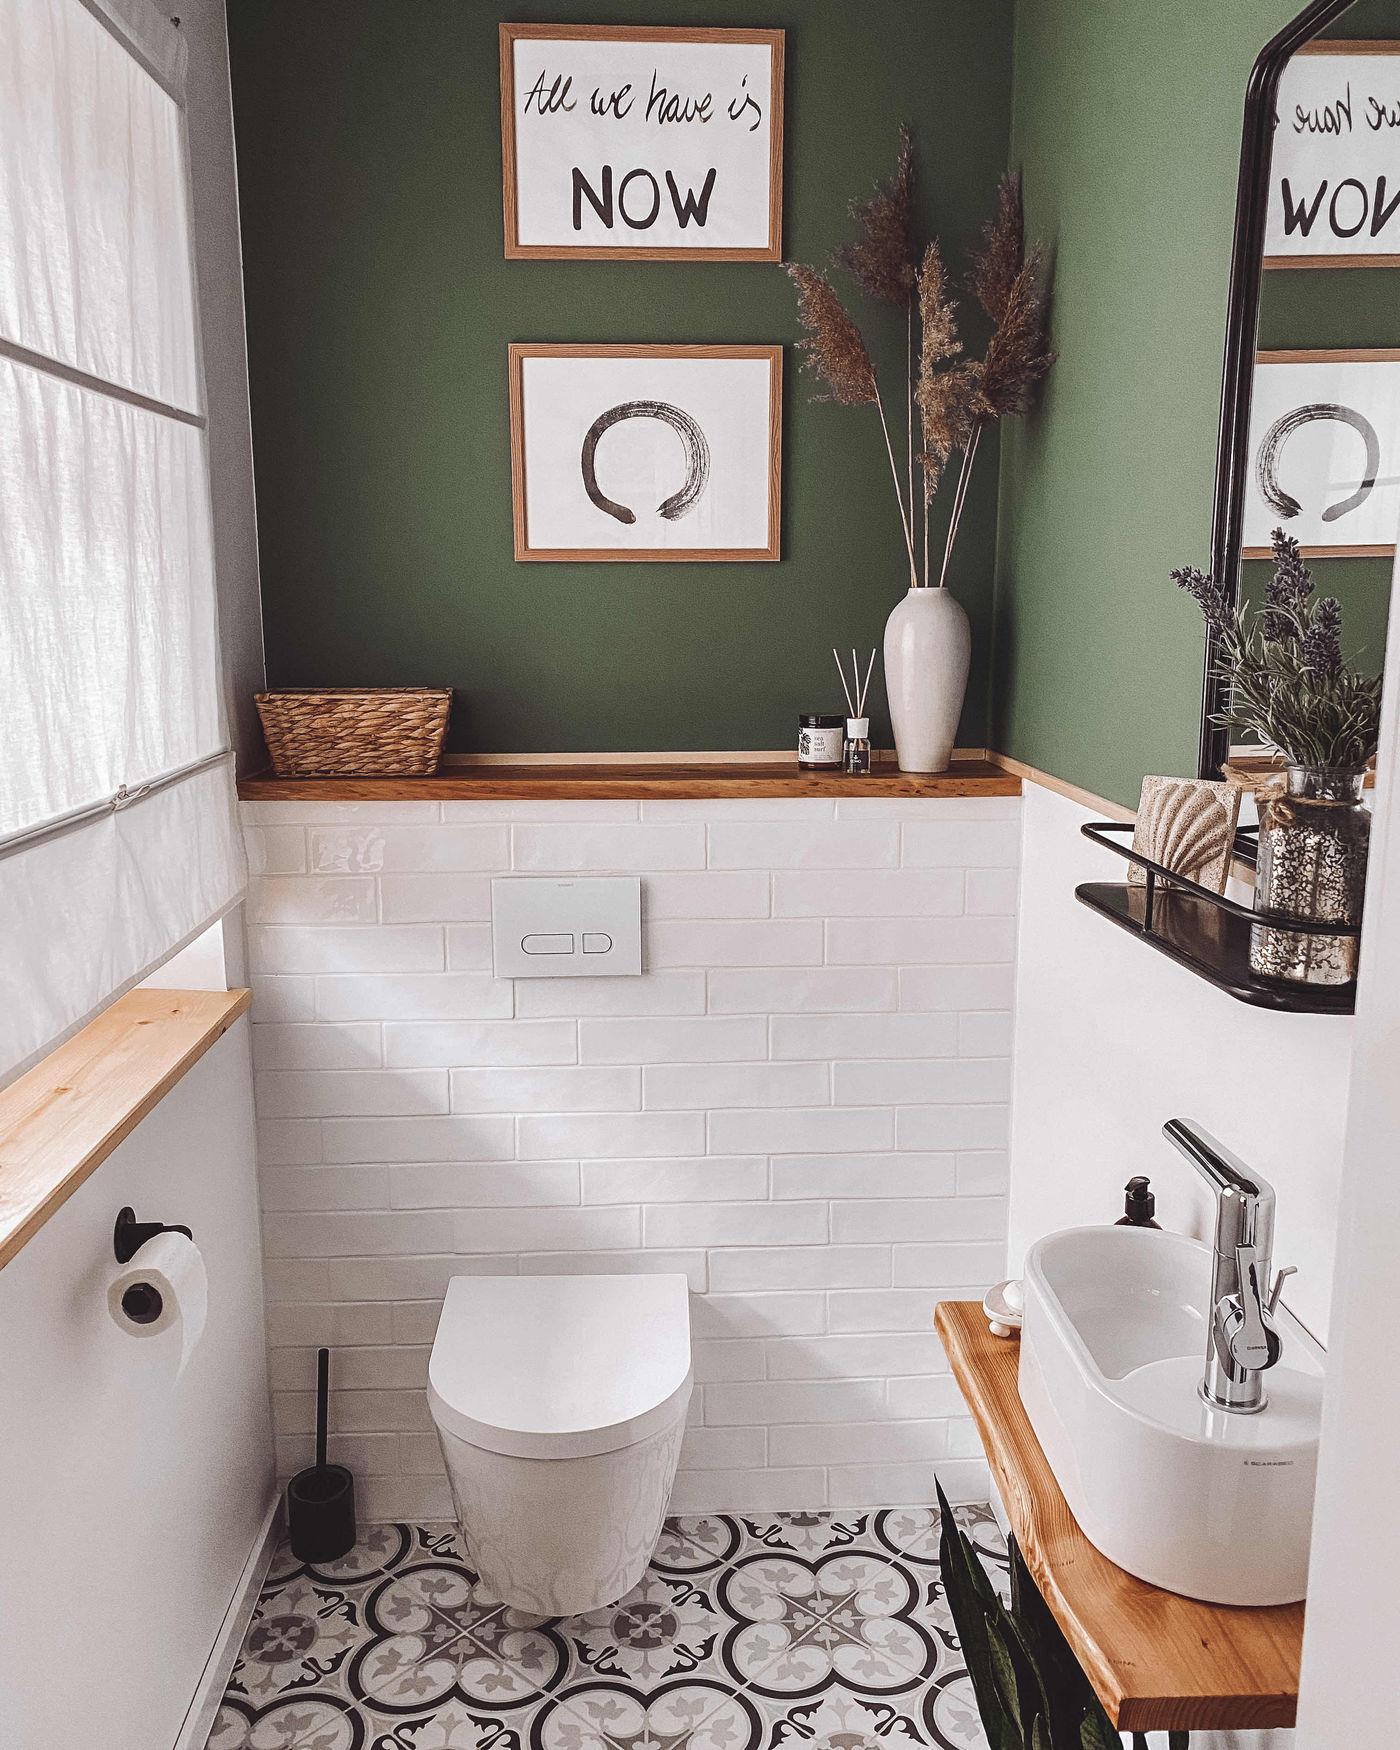 Wandfarbe Grün Die besten Ideen und Tipps zum Streichen   Seite 20